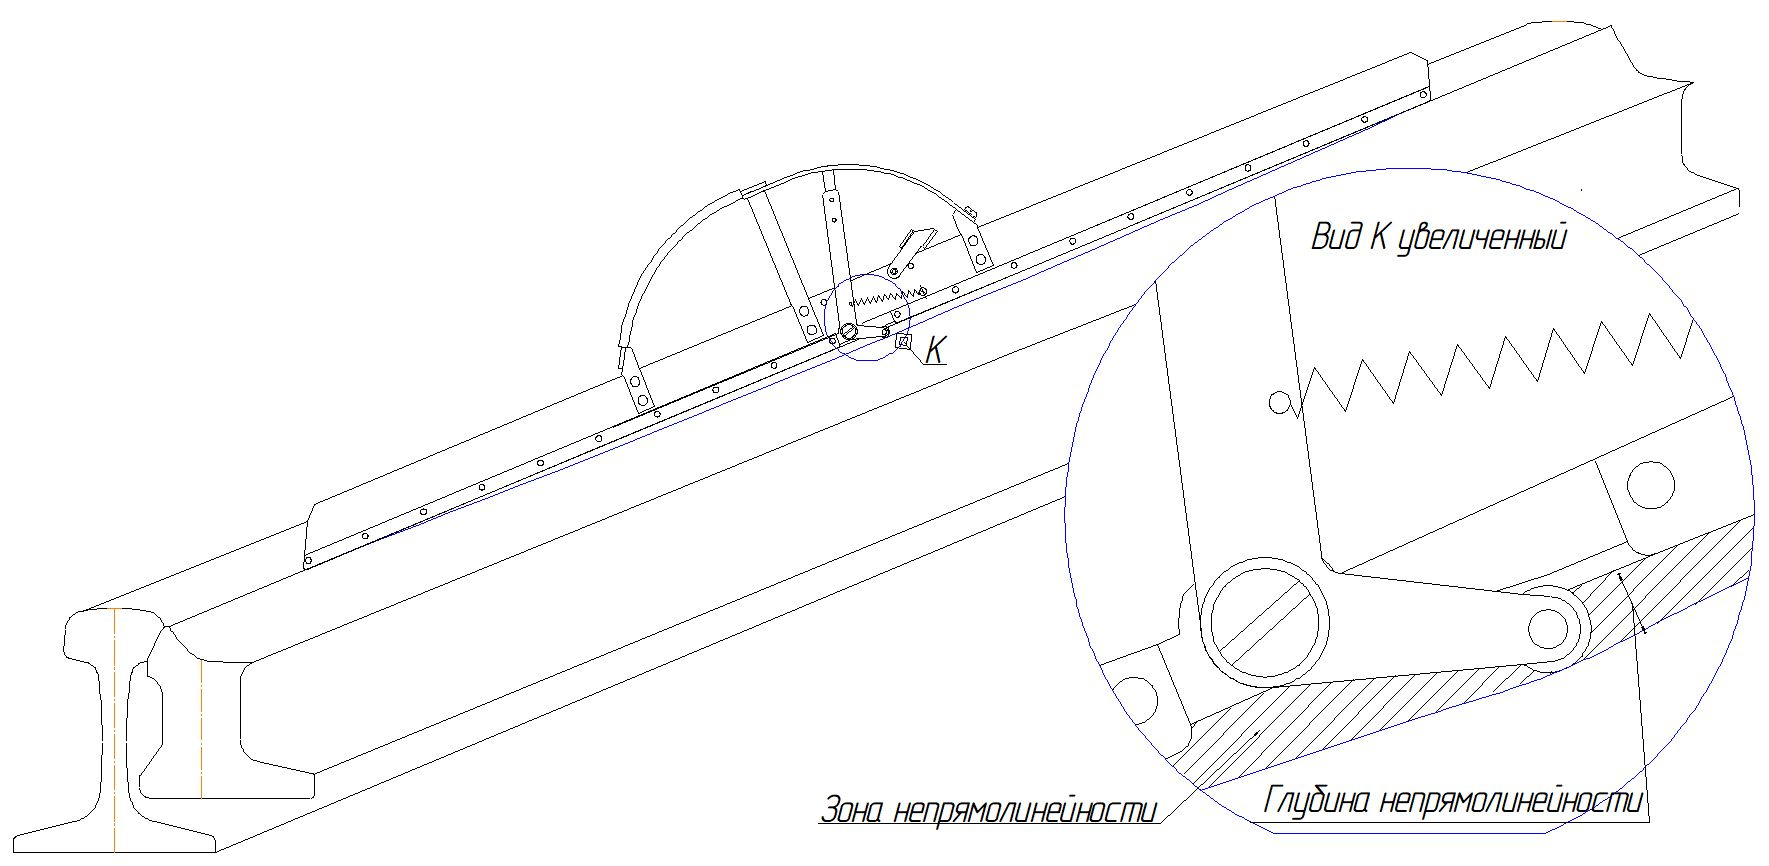 Измерение приспособлением для контроля глубины поверхностных дефектов рельсов модели ПИ-1000.00.00 аналогом линейки Шестопалова шаблон 82904 РЖД